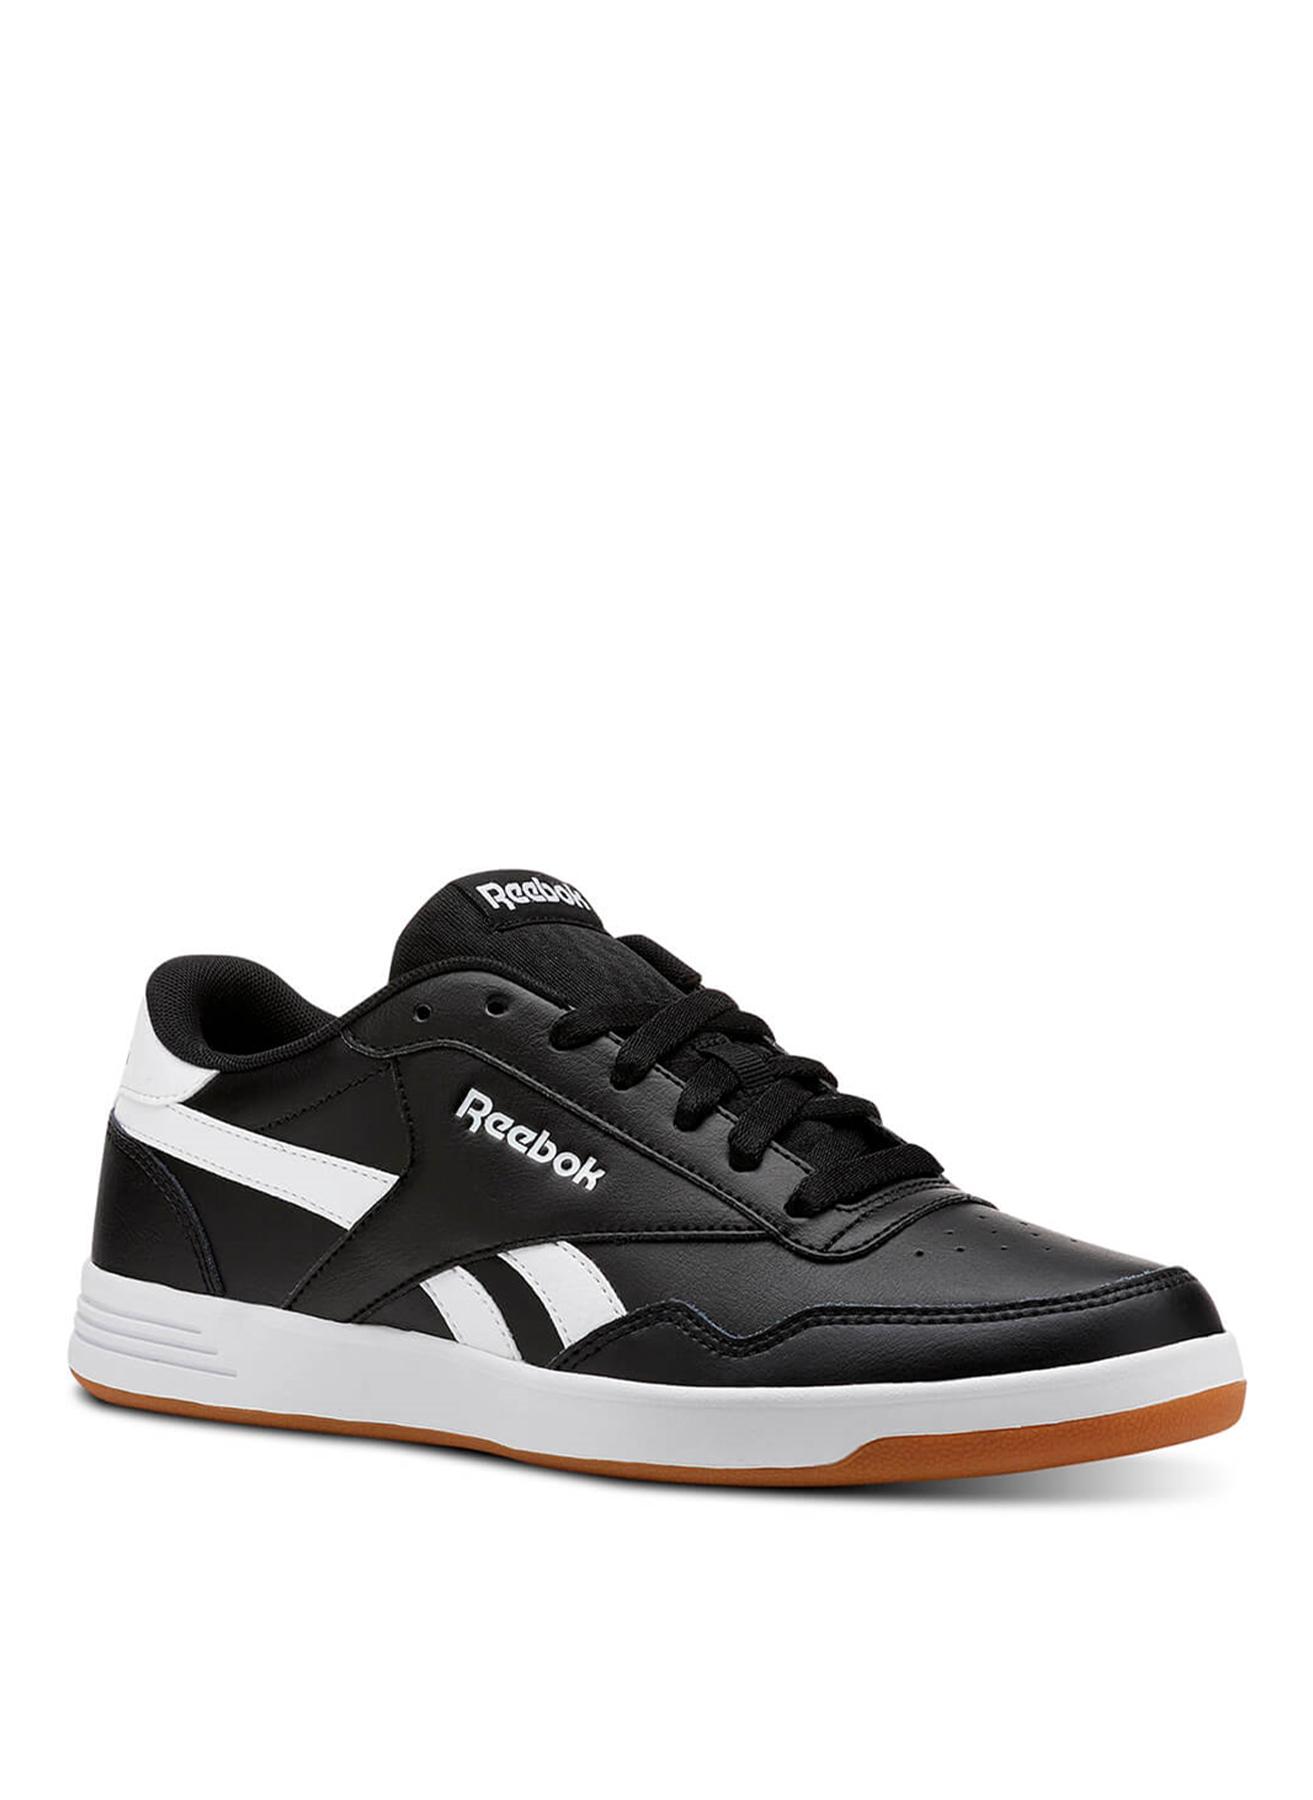 Reebok Royal Techque T Lifestyle Ayakkabı 42.5 5001633244005 Ürün Resmi